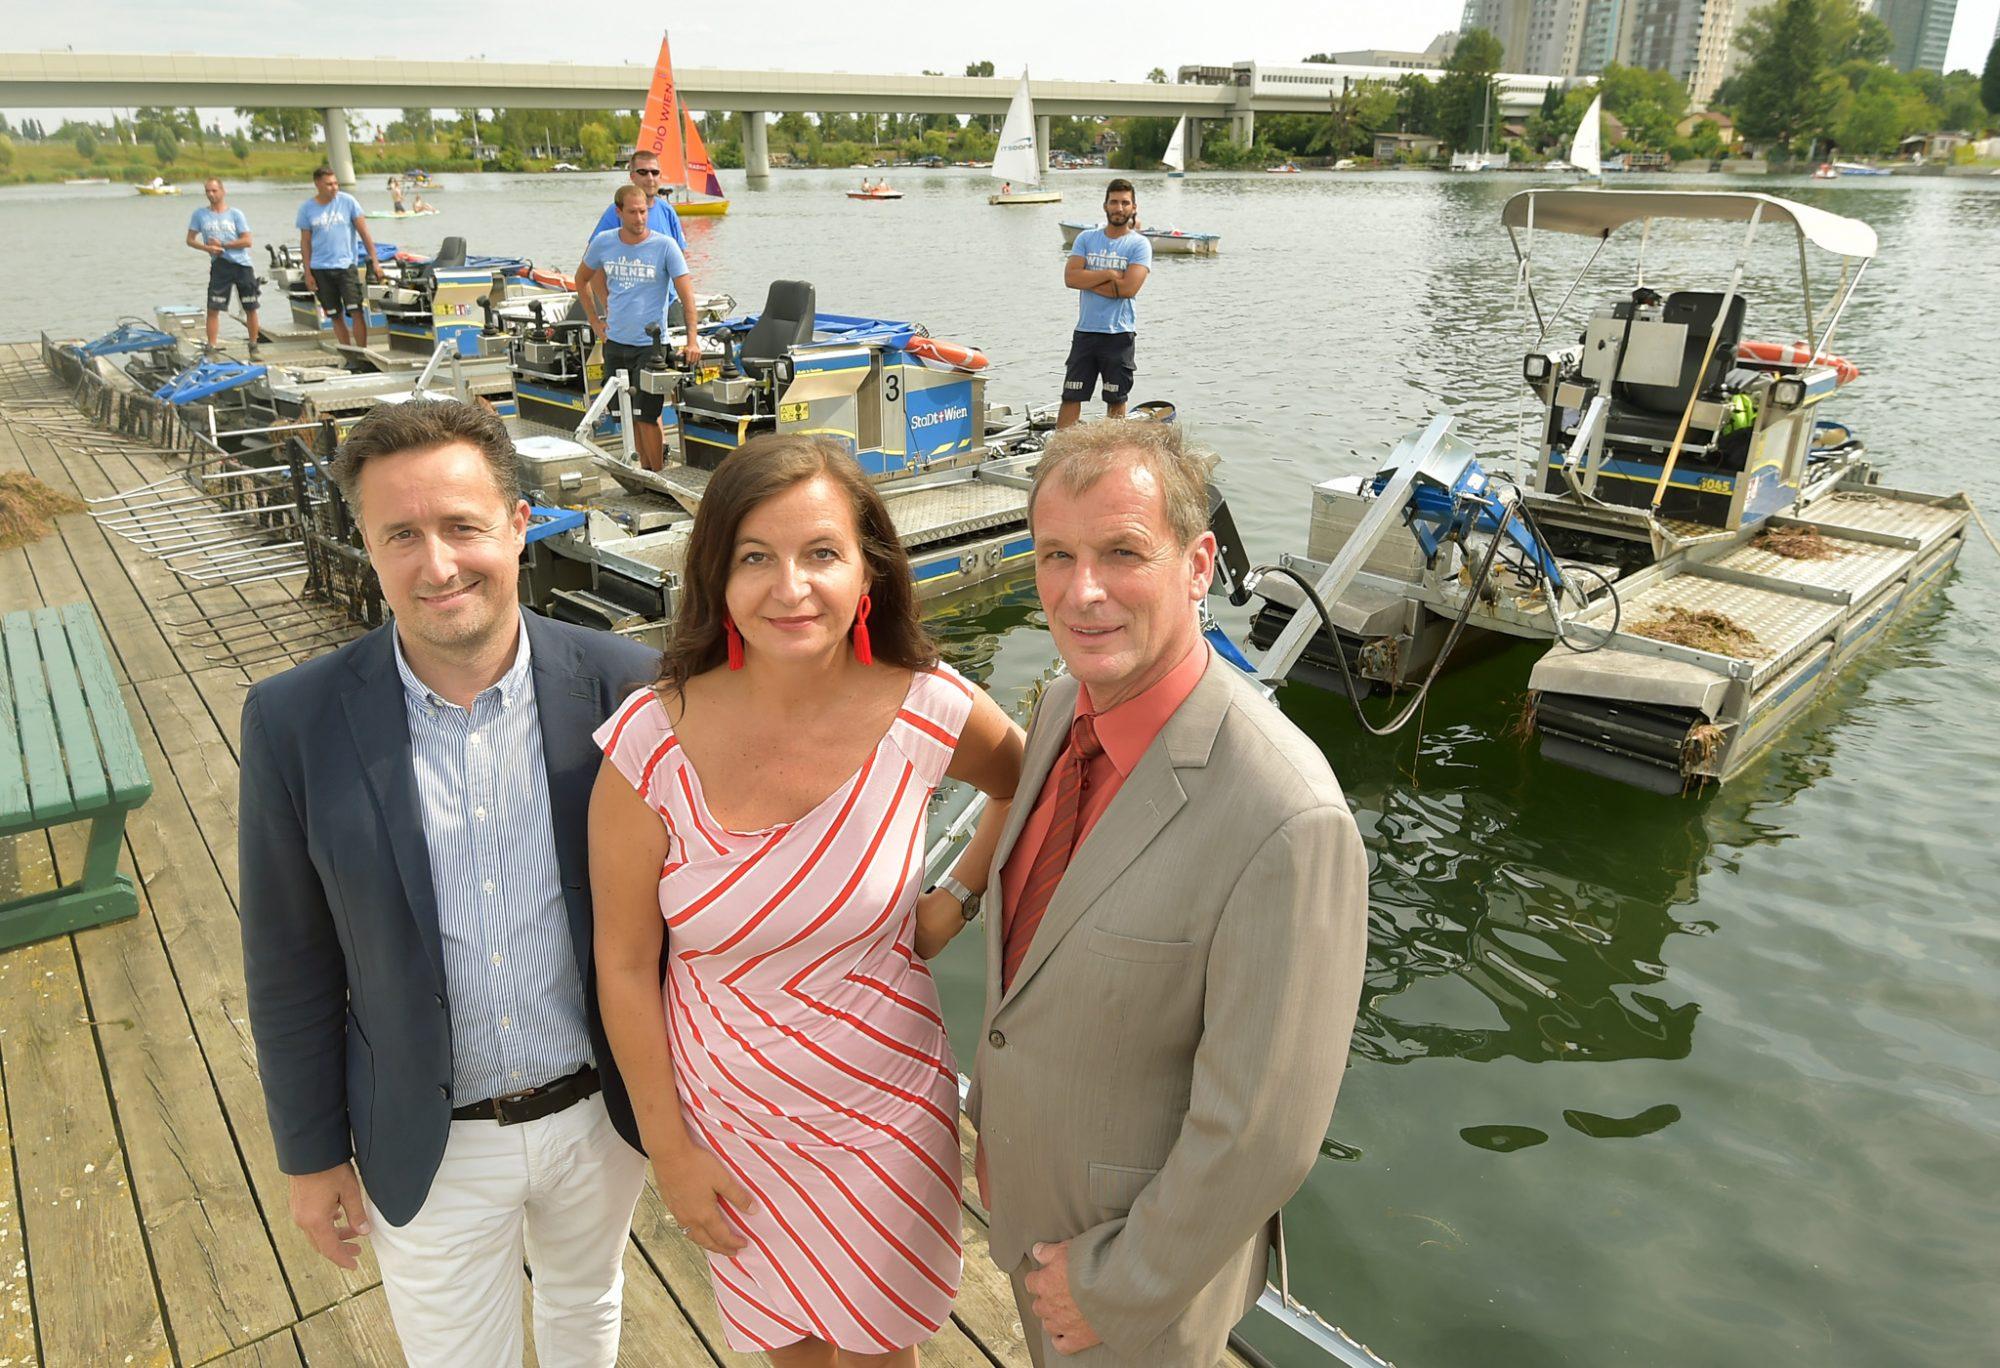 Bildtext: Umweltstadträtin Ulli Sima bedankt sich mit BV-Stellvertreter Karl Gasta (Donaustadt) bei den Mähbootfahrern für ihren unermüdlichen Einsatz. Auch Spartenobmann Markus Grießler (Vertreter der Bootsvermieter an der Alten Donau) ist hoch zufrieden mit dem Zustand der Alten Donau. Bild: C.Jobst/PID.